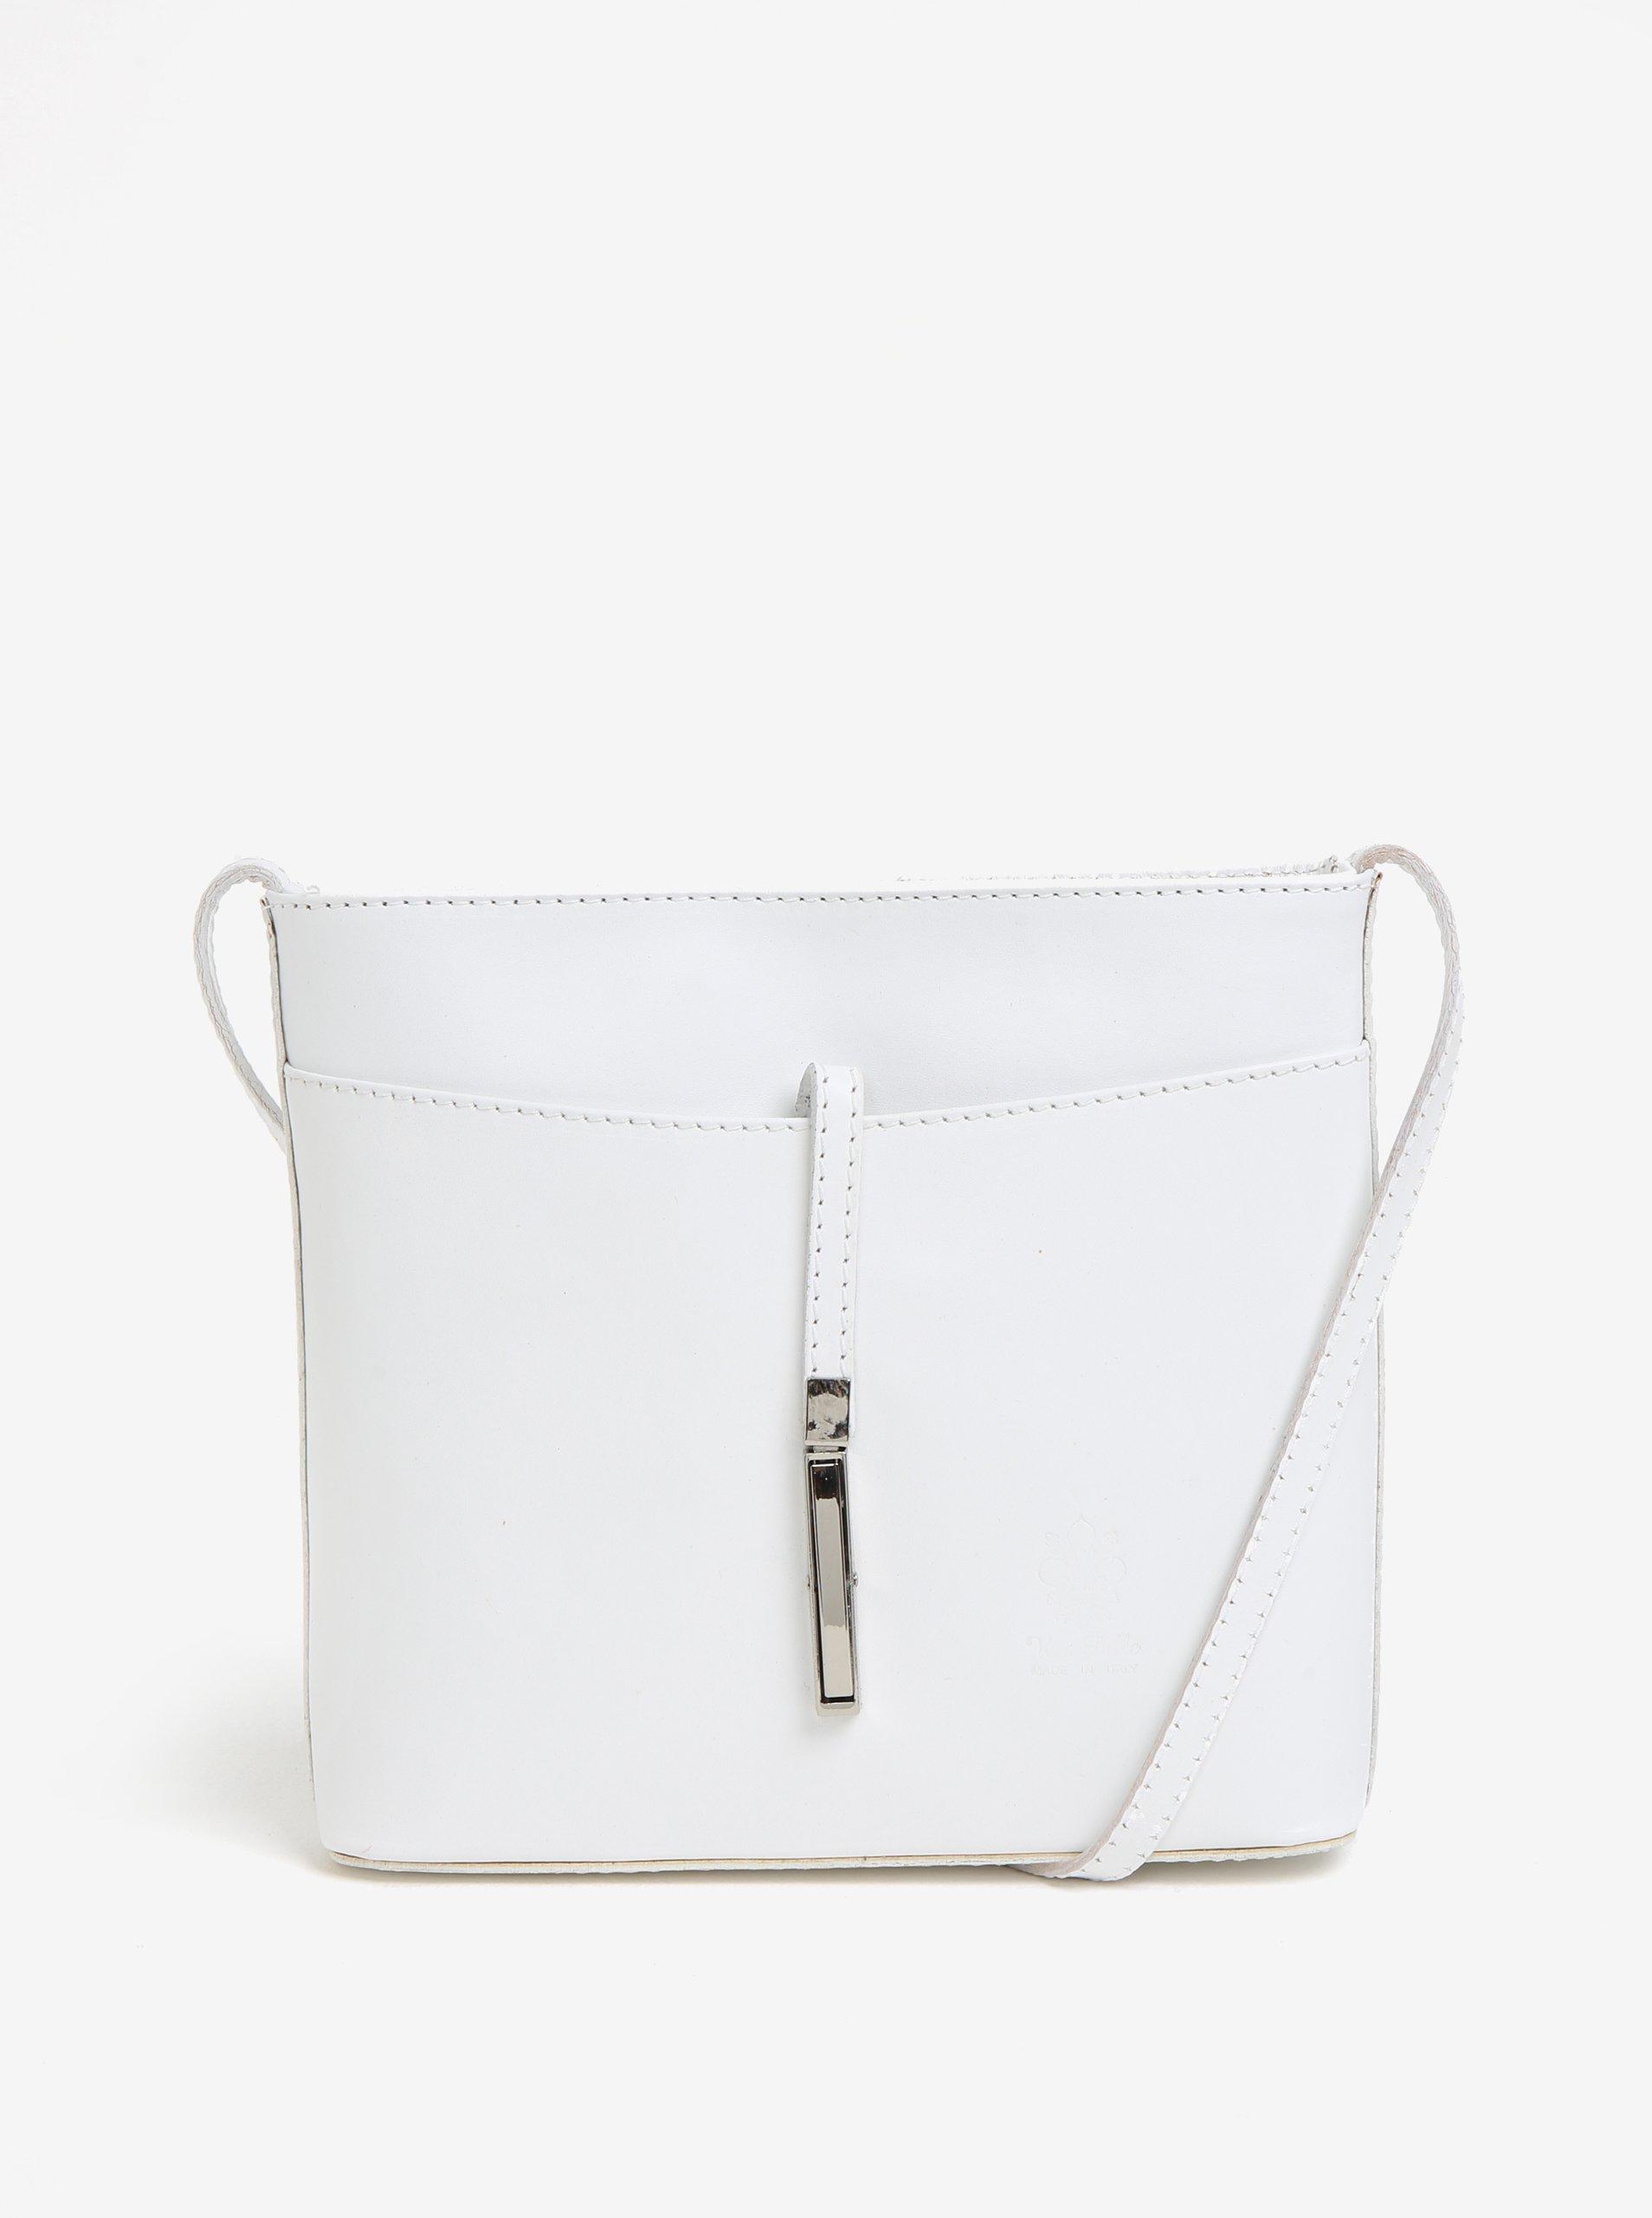 ff427b878b Biela kožená crossbody kabelka s detailom v striebornej farbe KARA ...